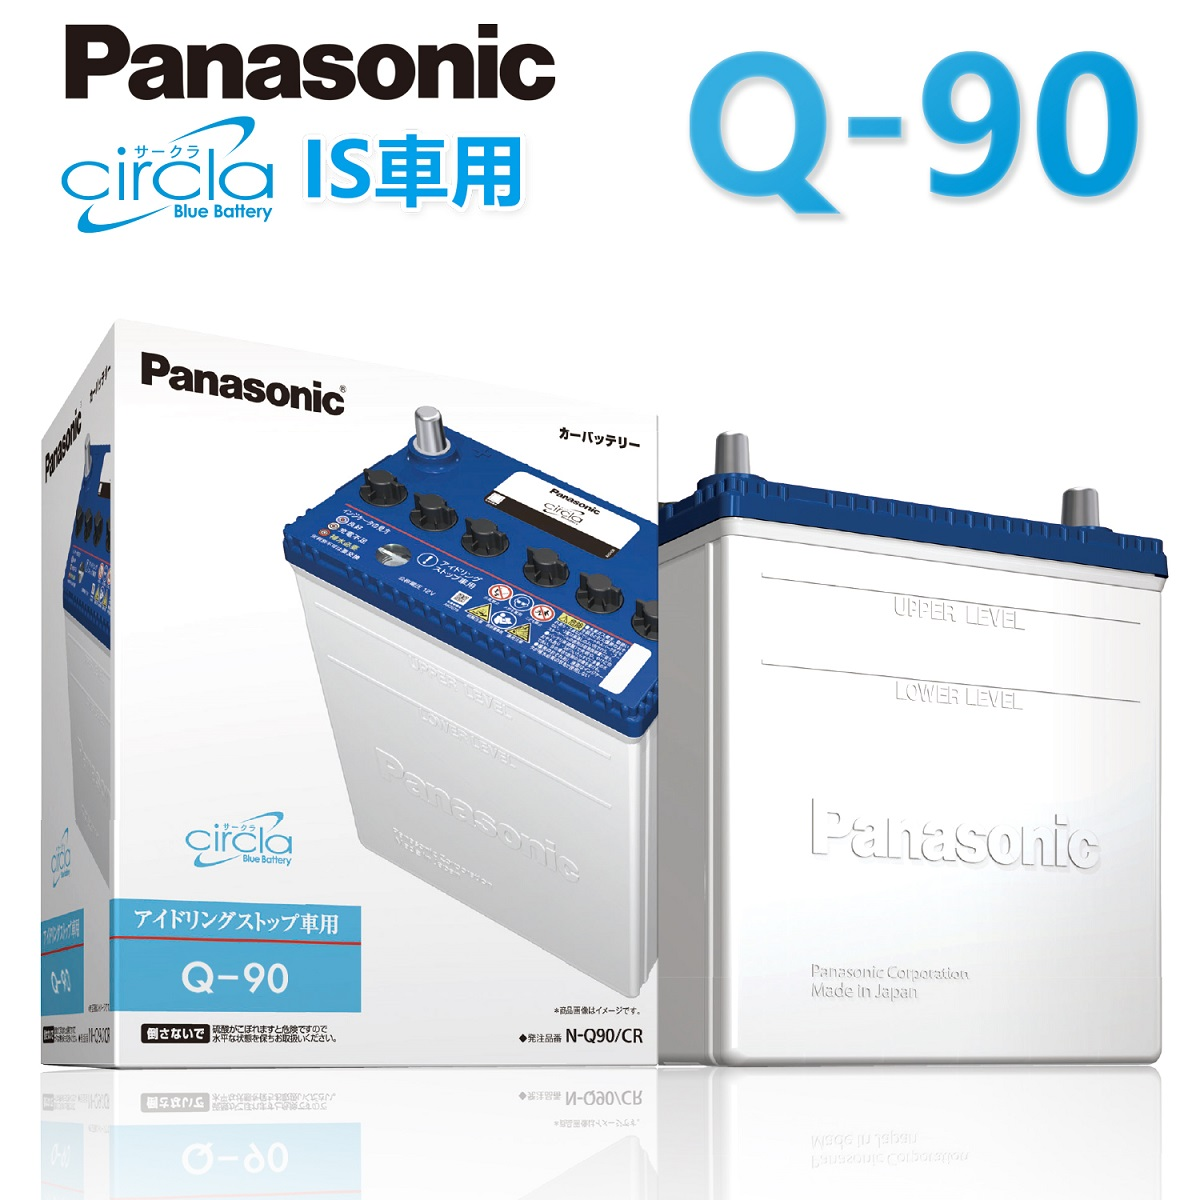 Panasonic カーバッテリー アイドリングストップ車用 バッテリー Q-90 サークラ circla パナソニック